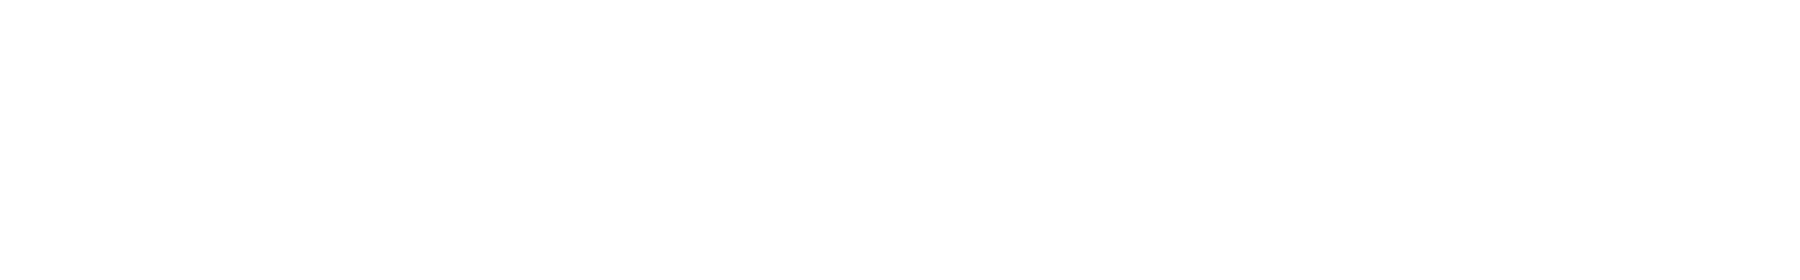 vedh bass cut 005 a